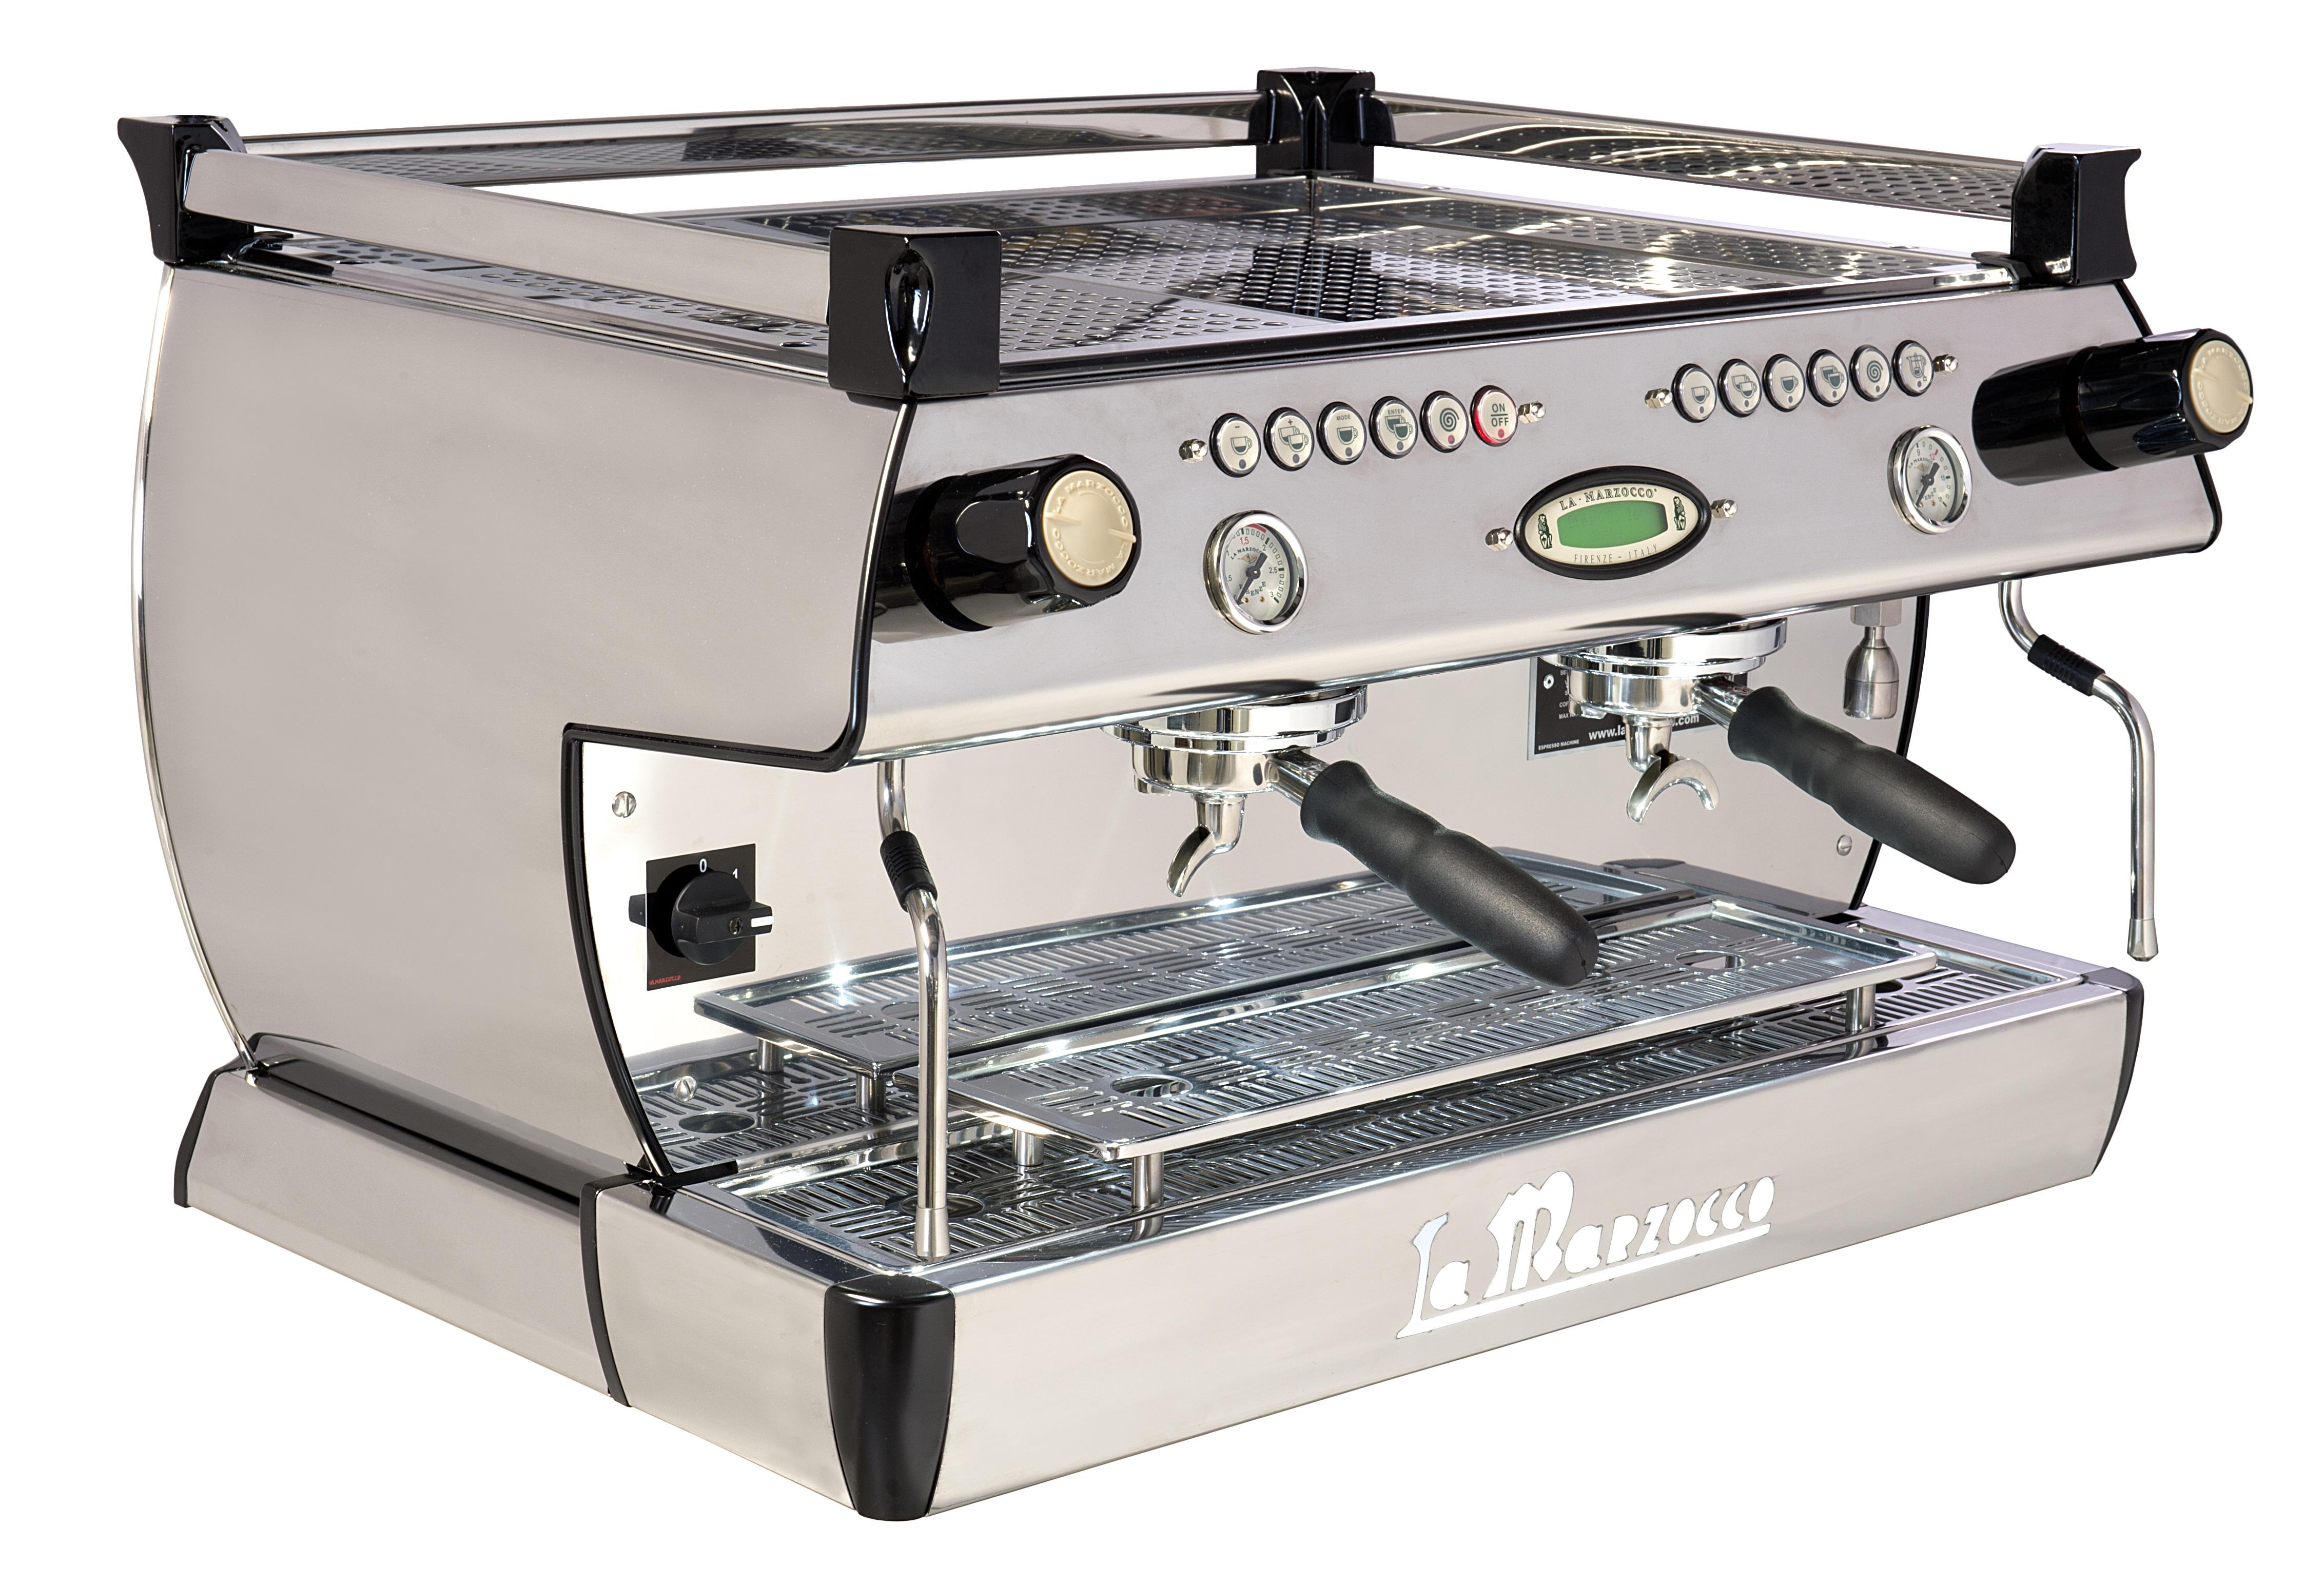 La Marzocco GB5 2-Group Automatic Espresso Machine